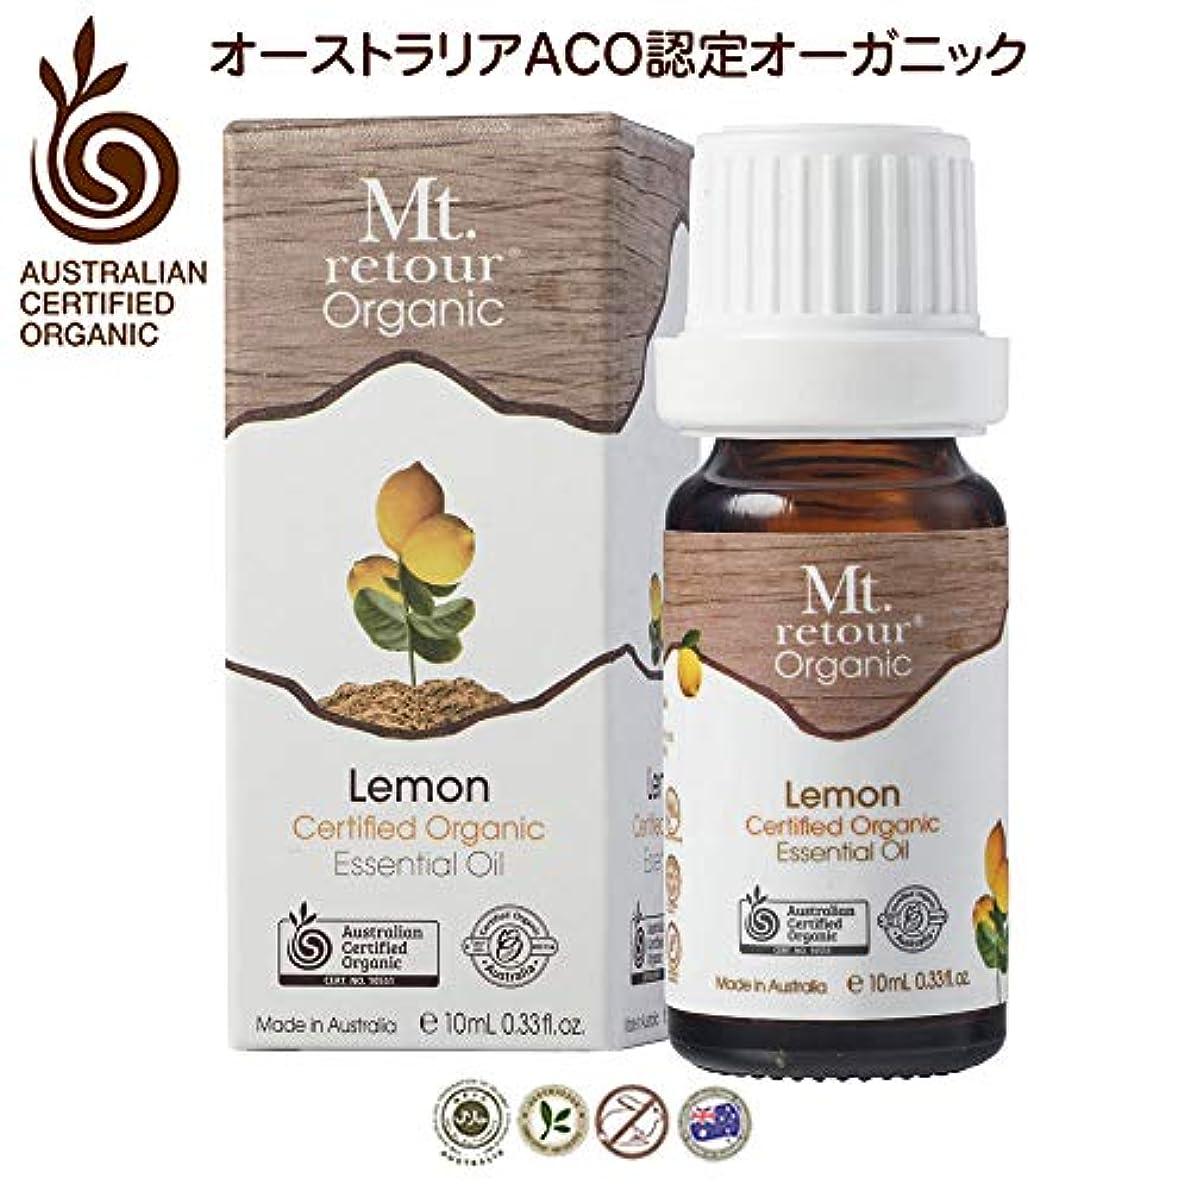 反響する強打一般的にMt. retour ACO認定オーガニック レモン 10ml エッセンシャルオイル(無農薬有機栽培)アロマ